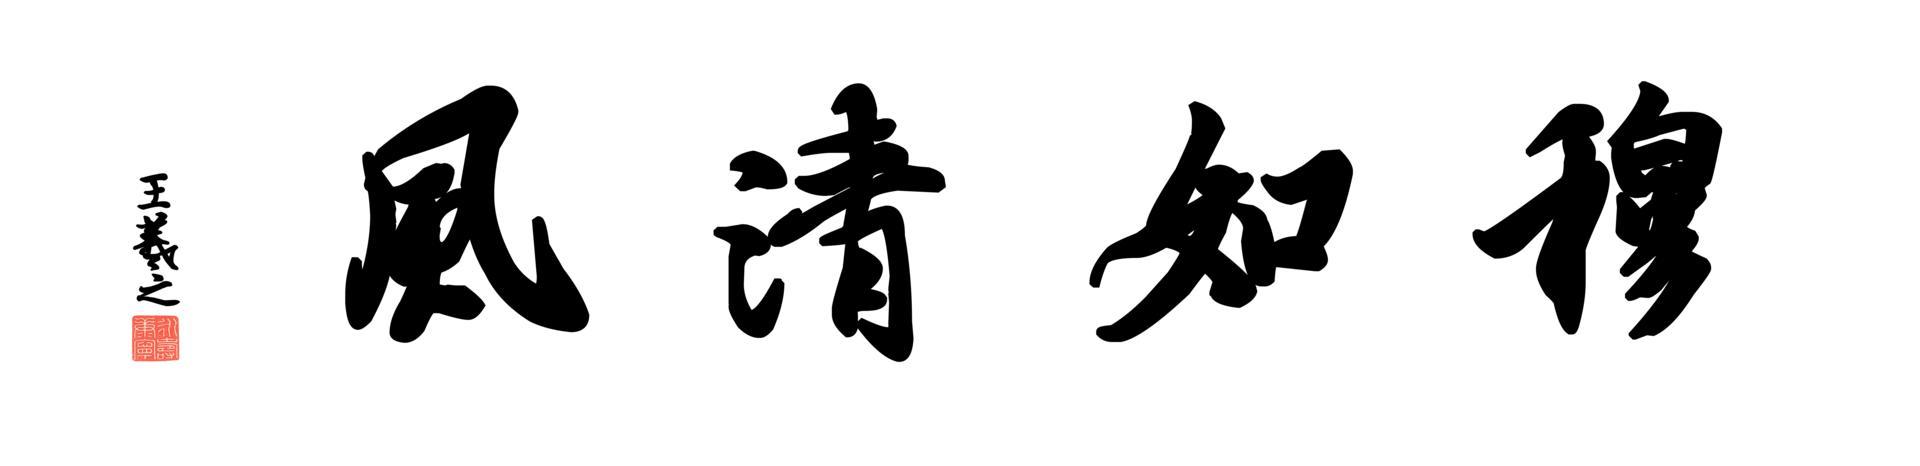 0120_王羲之兰亭体数字书法-四字横幅穆如清风136x33cm_21417x5197PX_TIF_400DPI_326_0